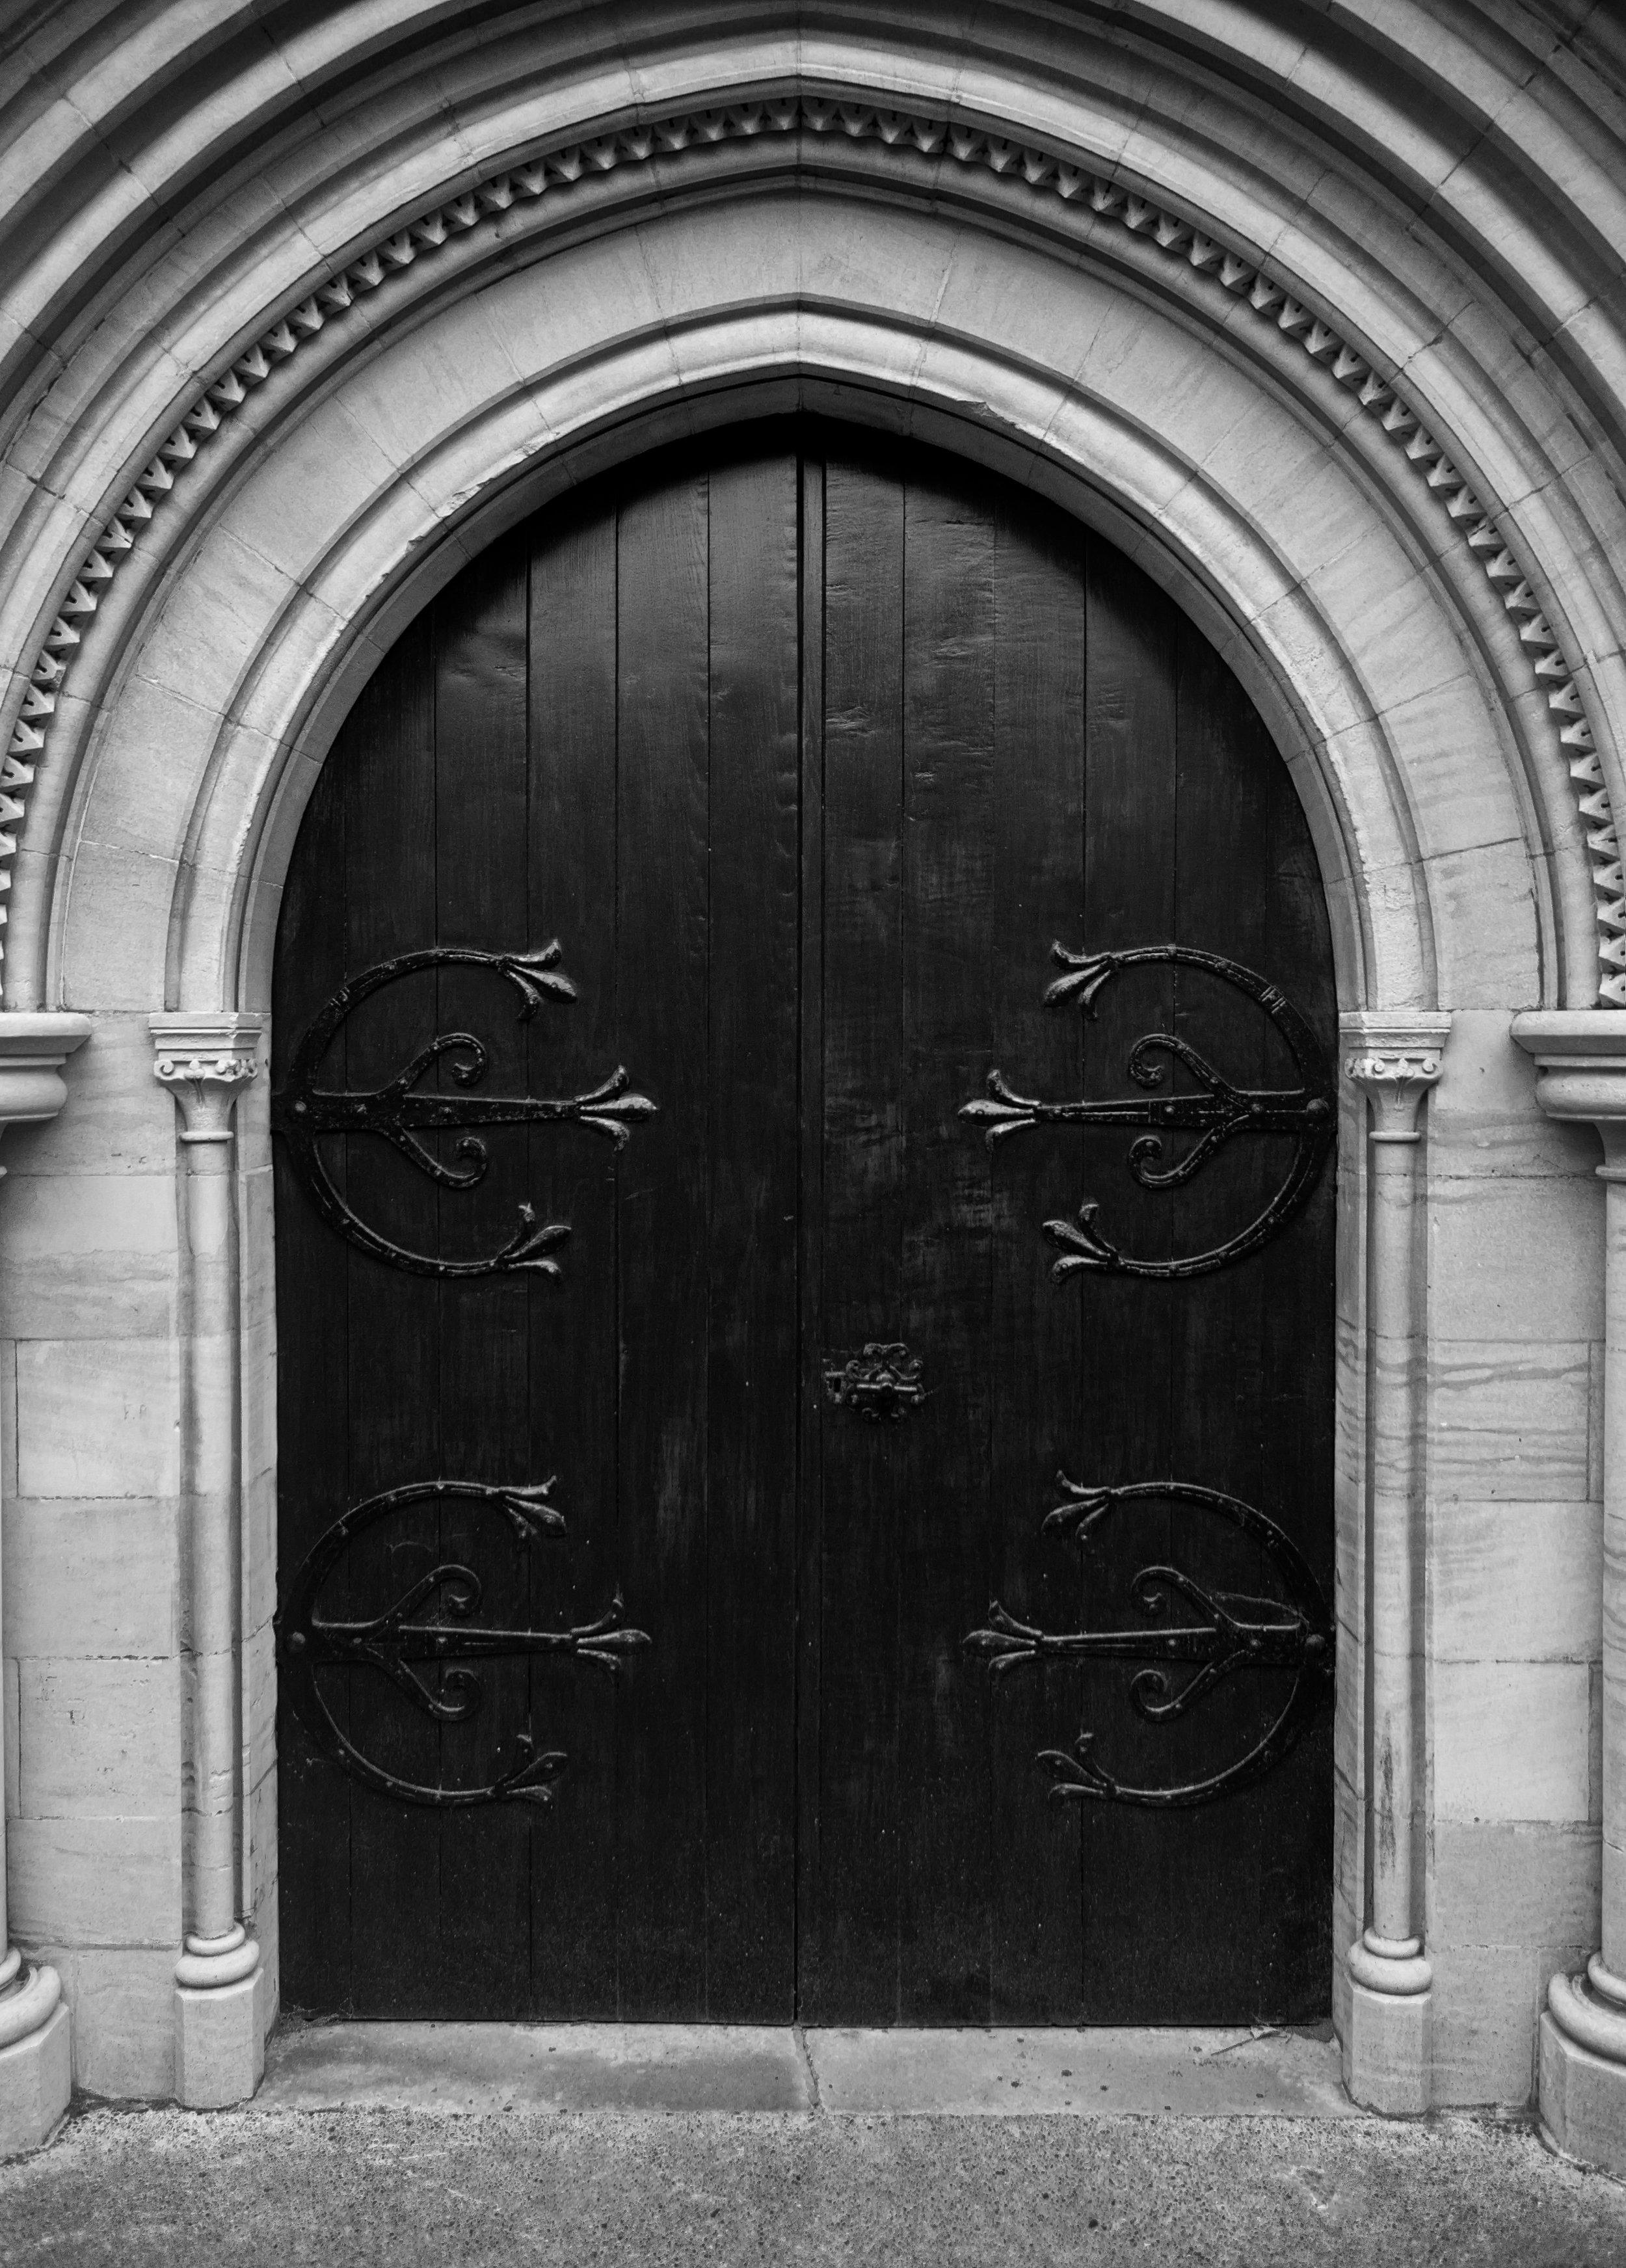 door-to-st-peter--st-pauls-church-doverthe-door-to-the-victorian-st-peter-and-st-pauls-church-in-dover-kent_31106042198_o.jpg